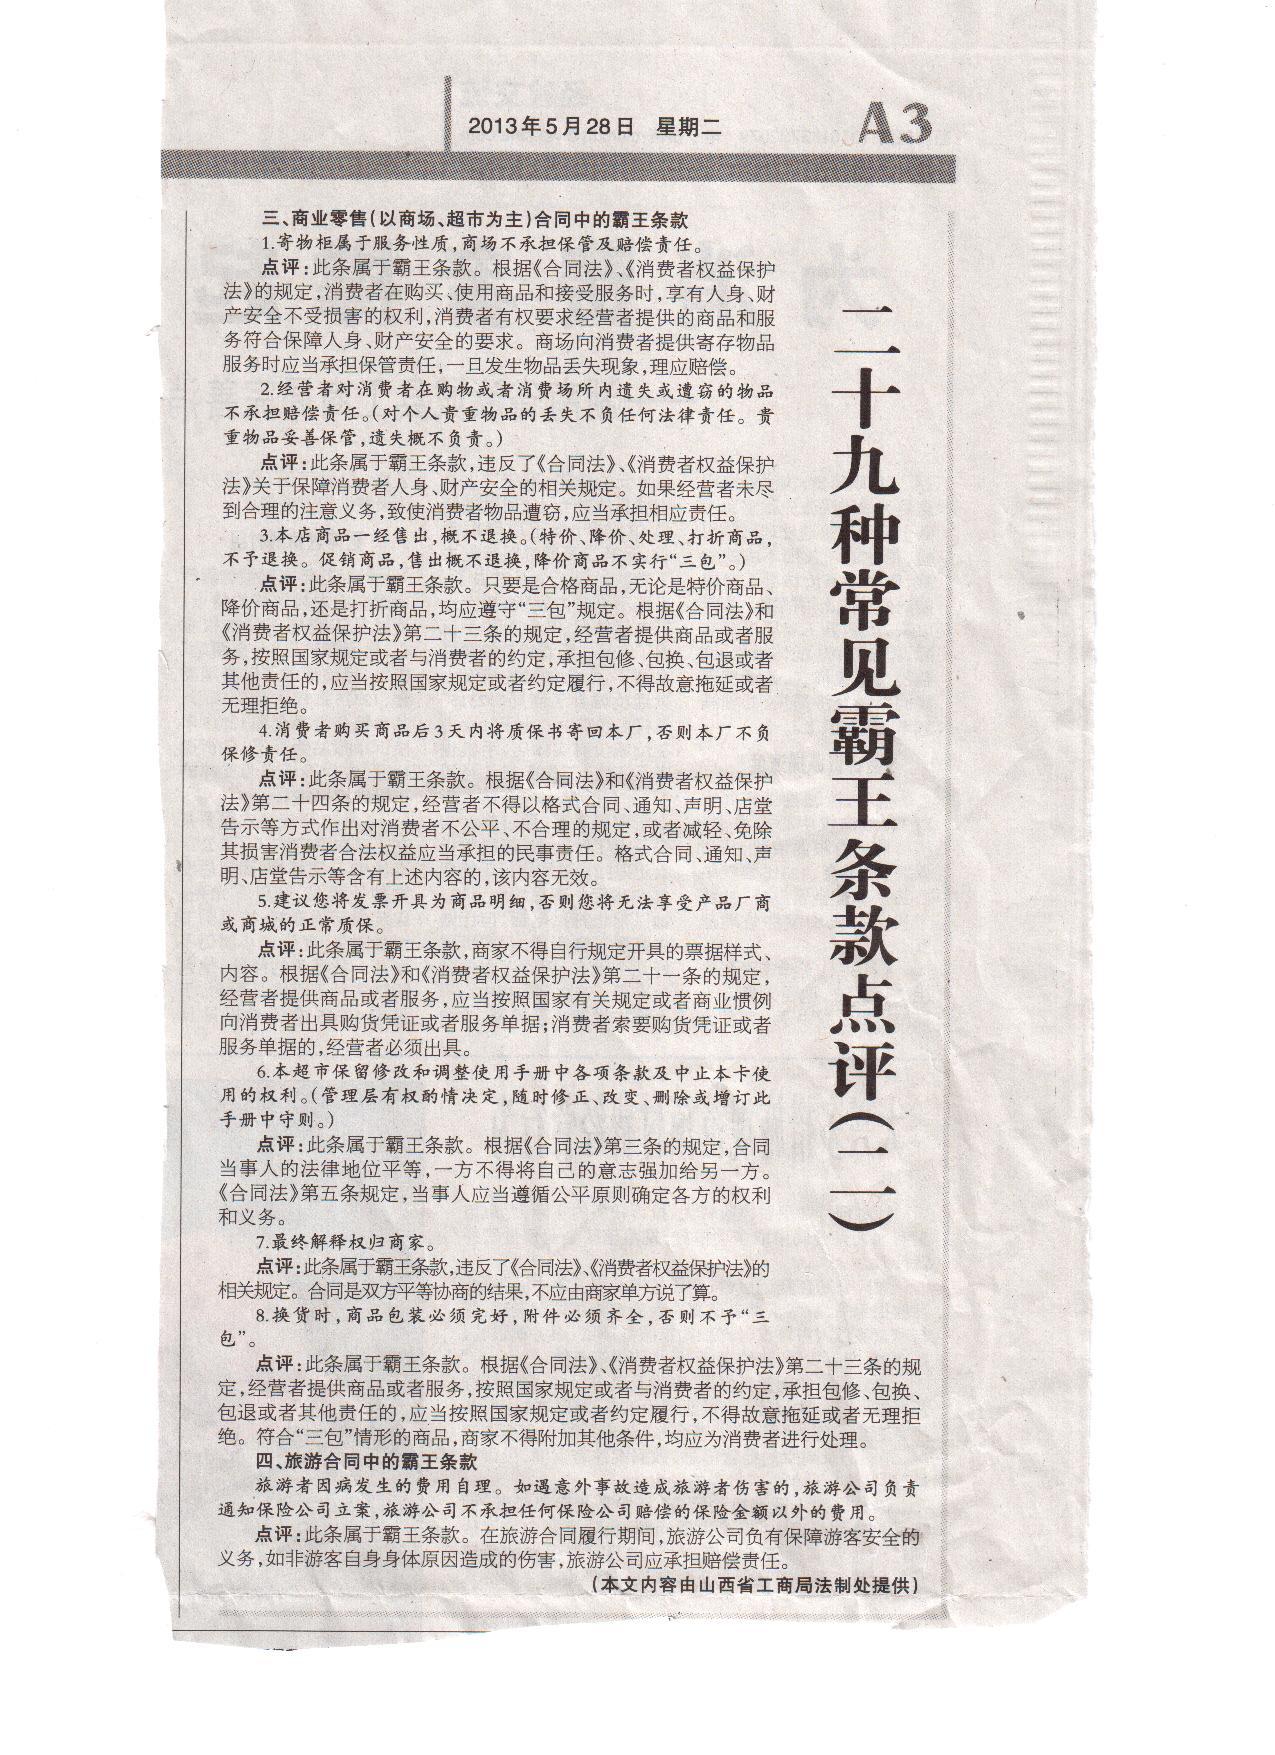 [原创]剪报之常见霸王条款《合同》点评